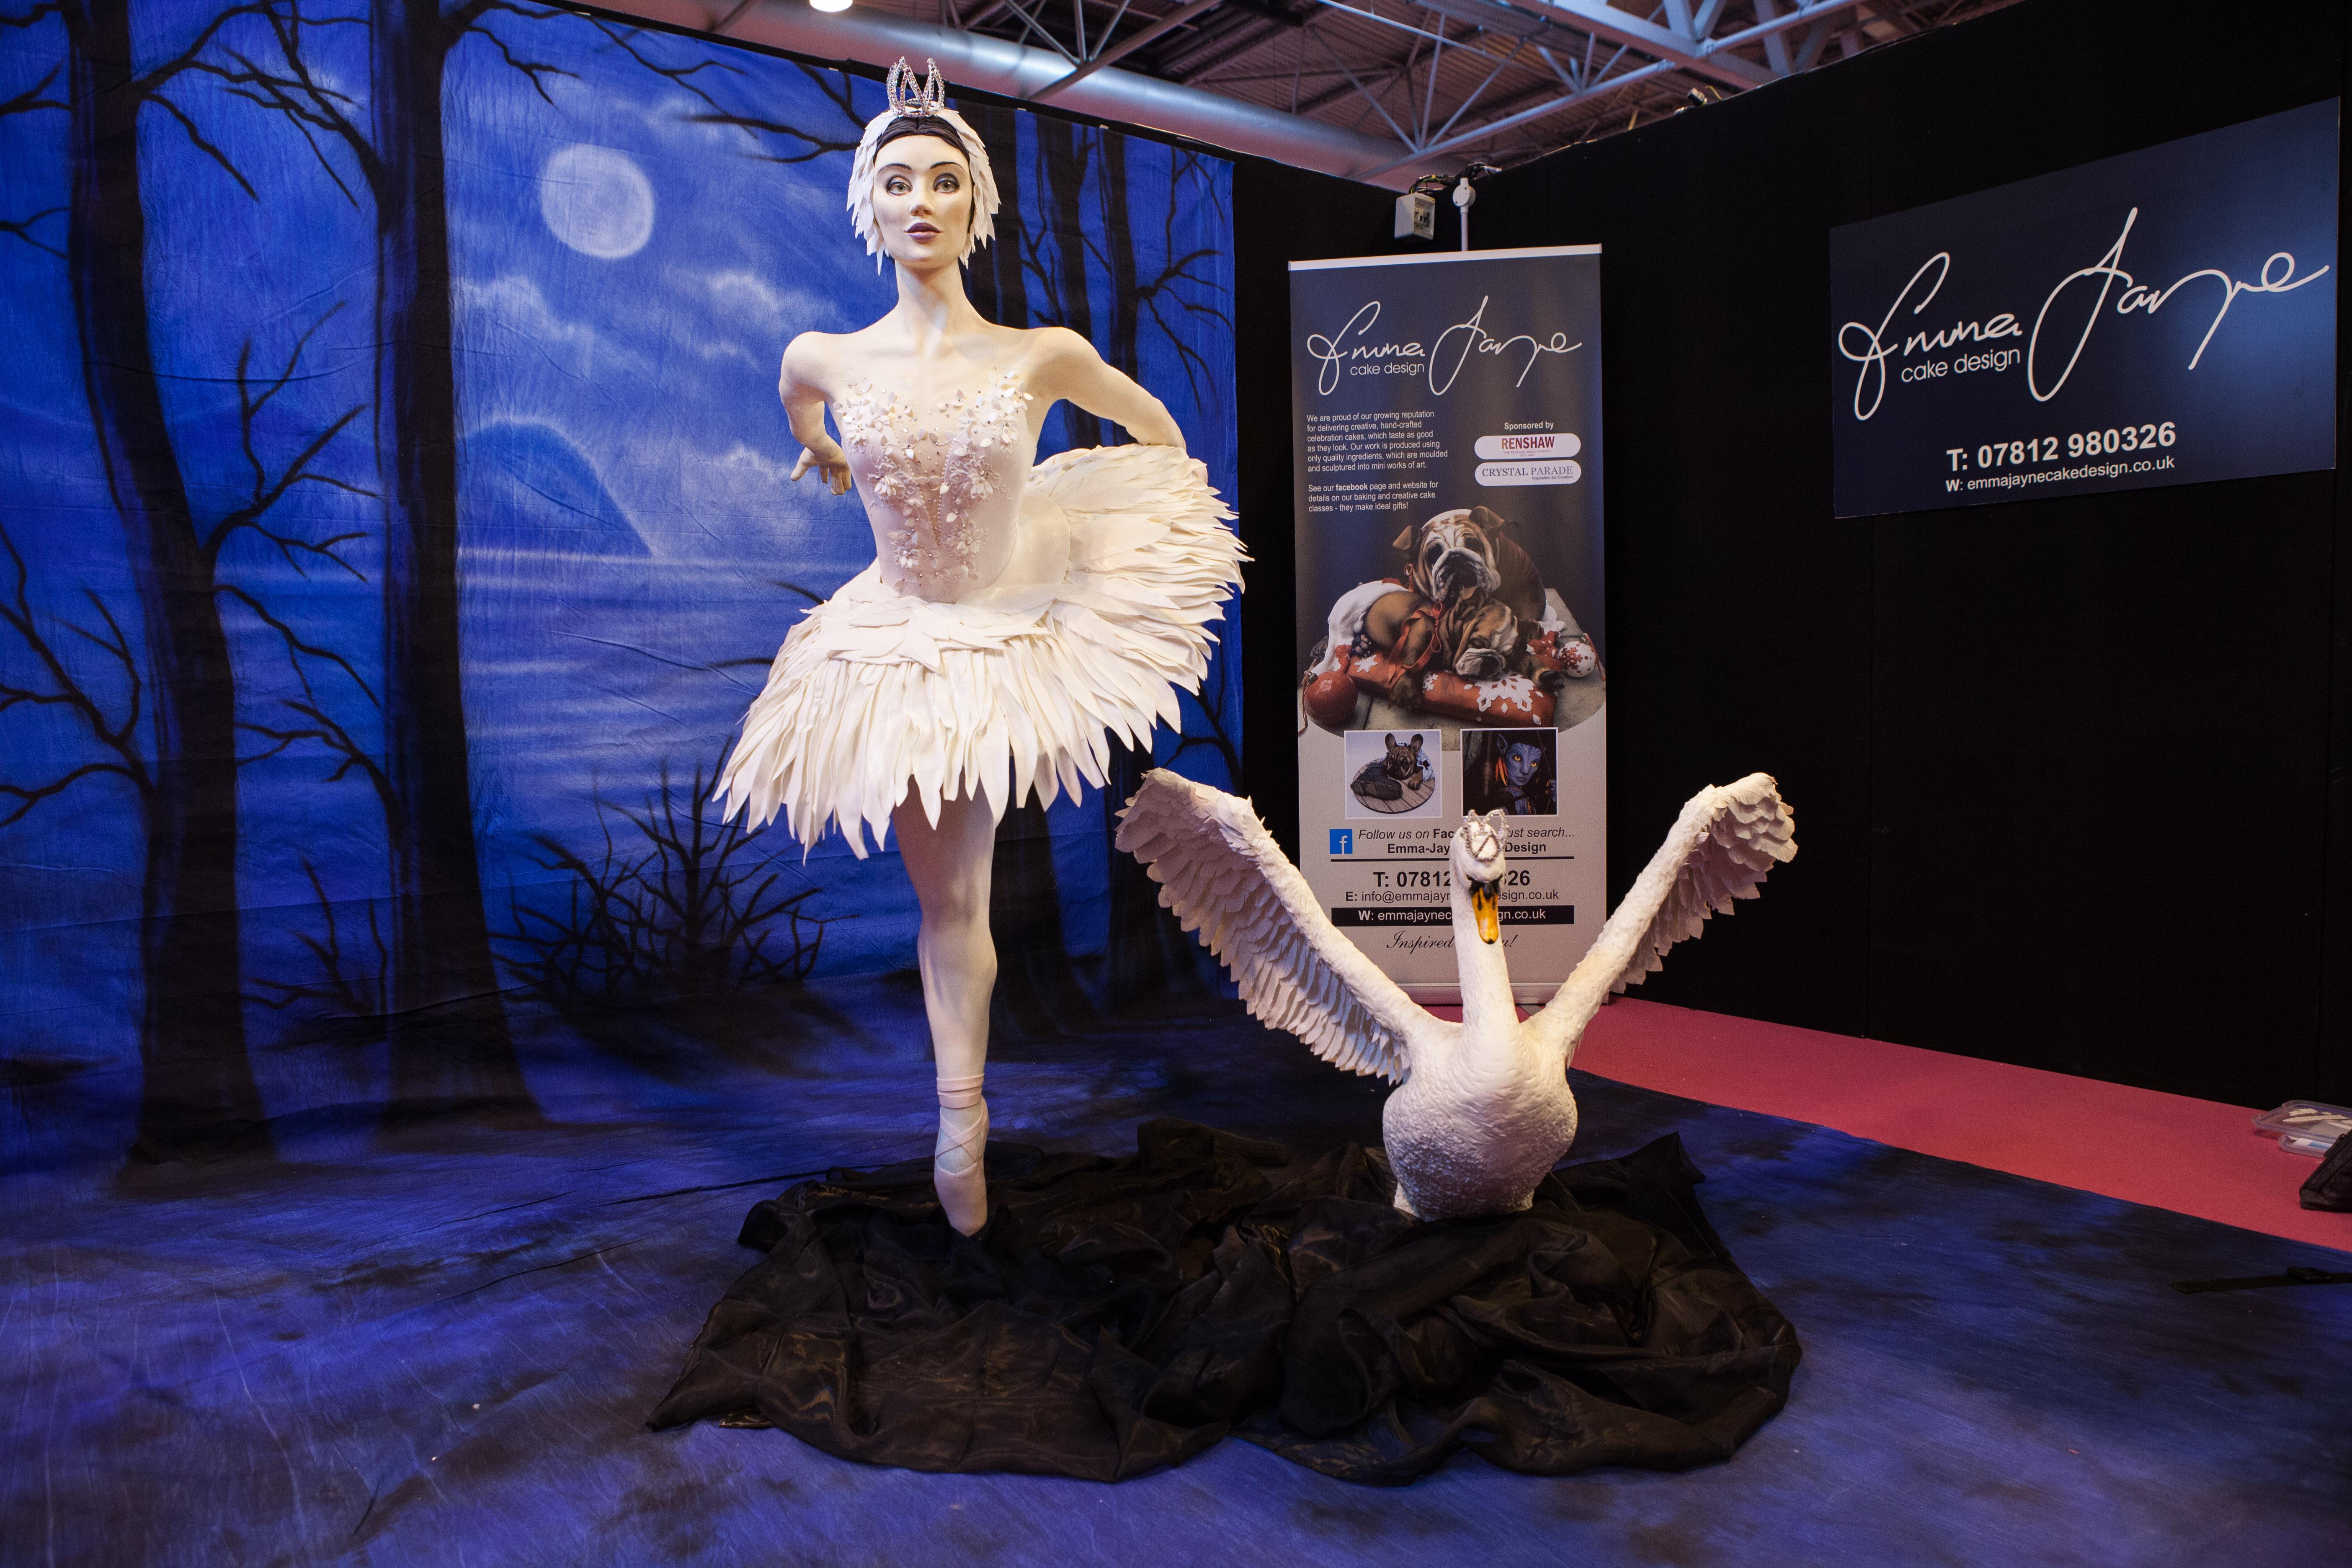 Swan Lake Ballerina Cake by Emma Jayne 1